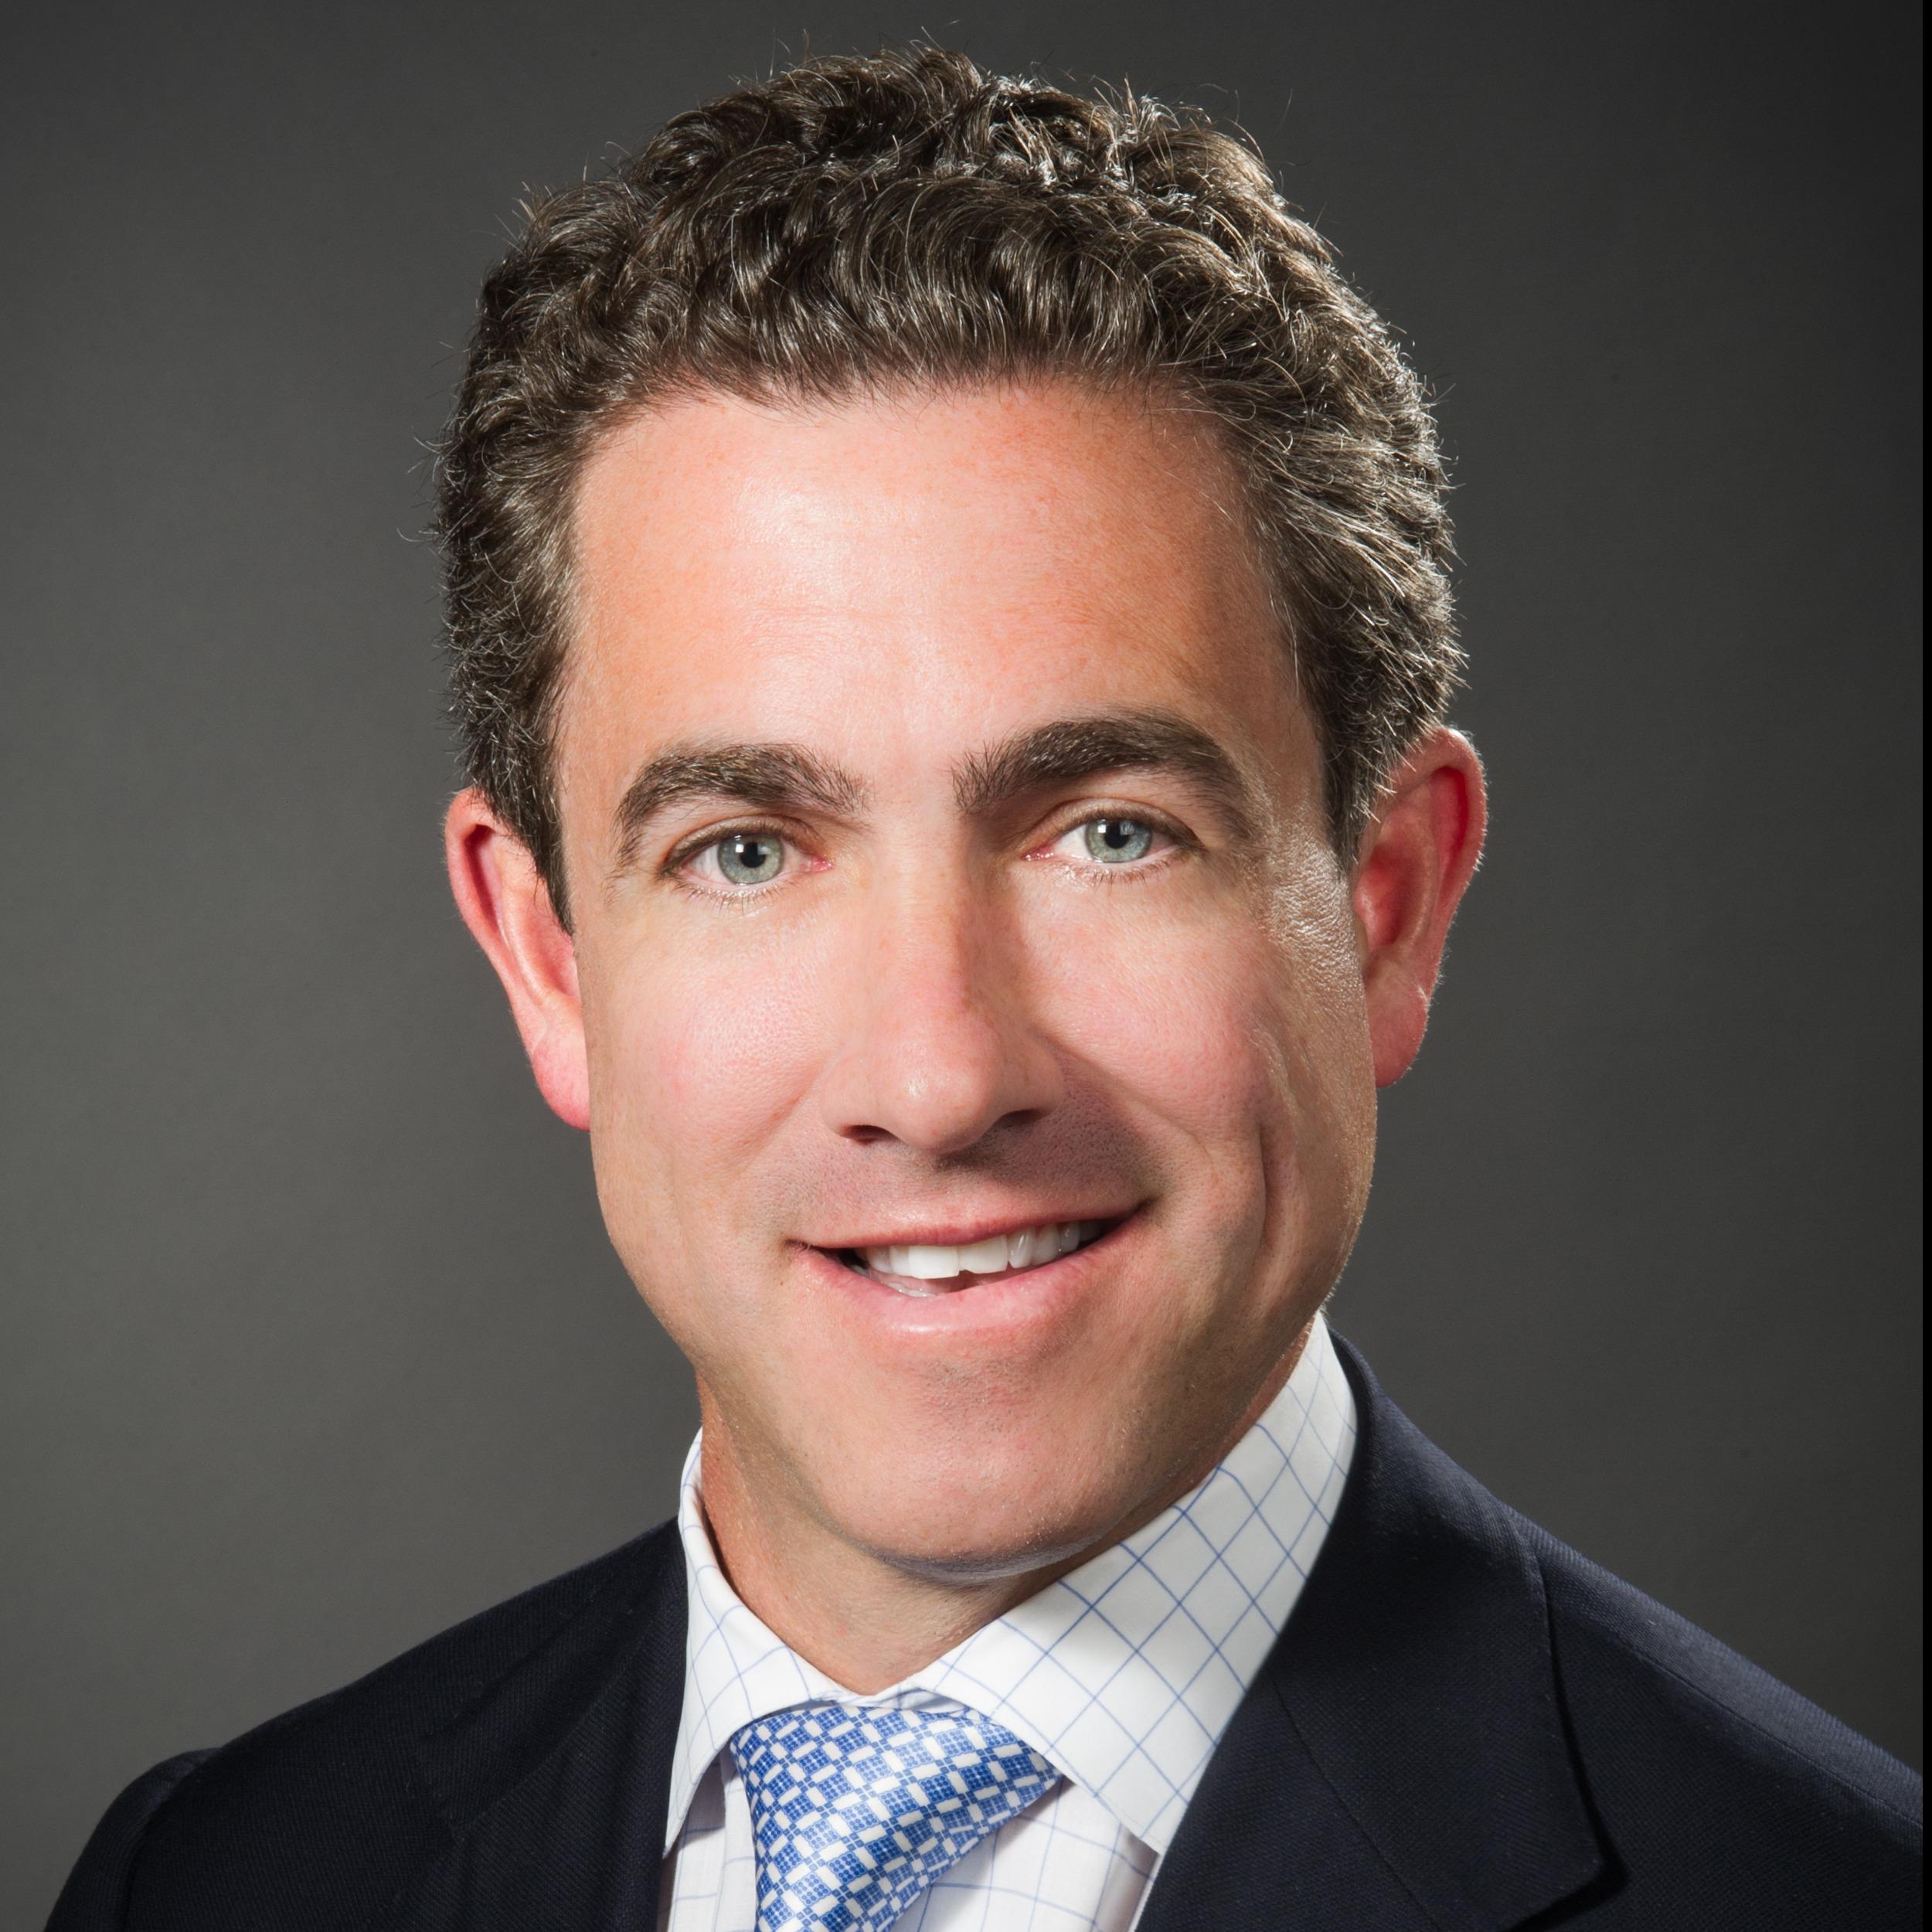 John Boockvar, MD